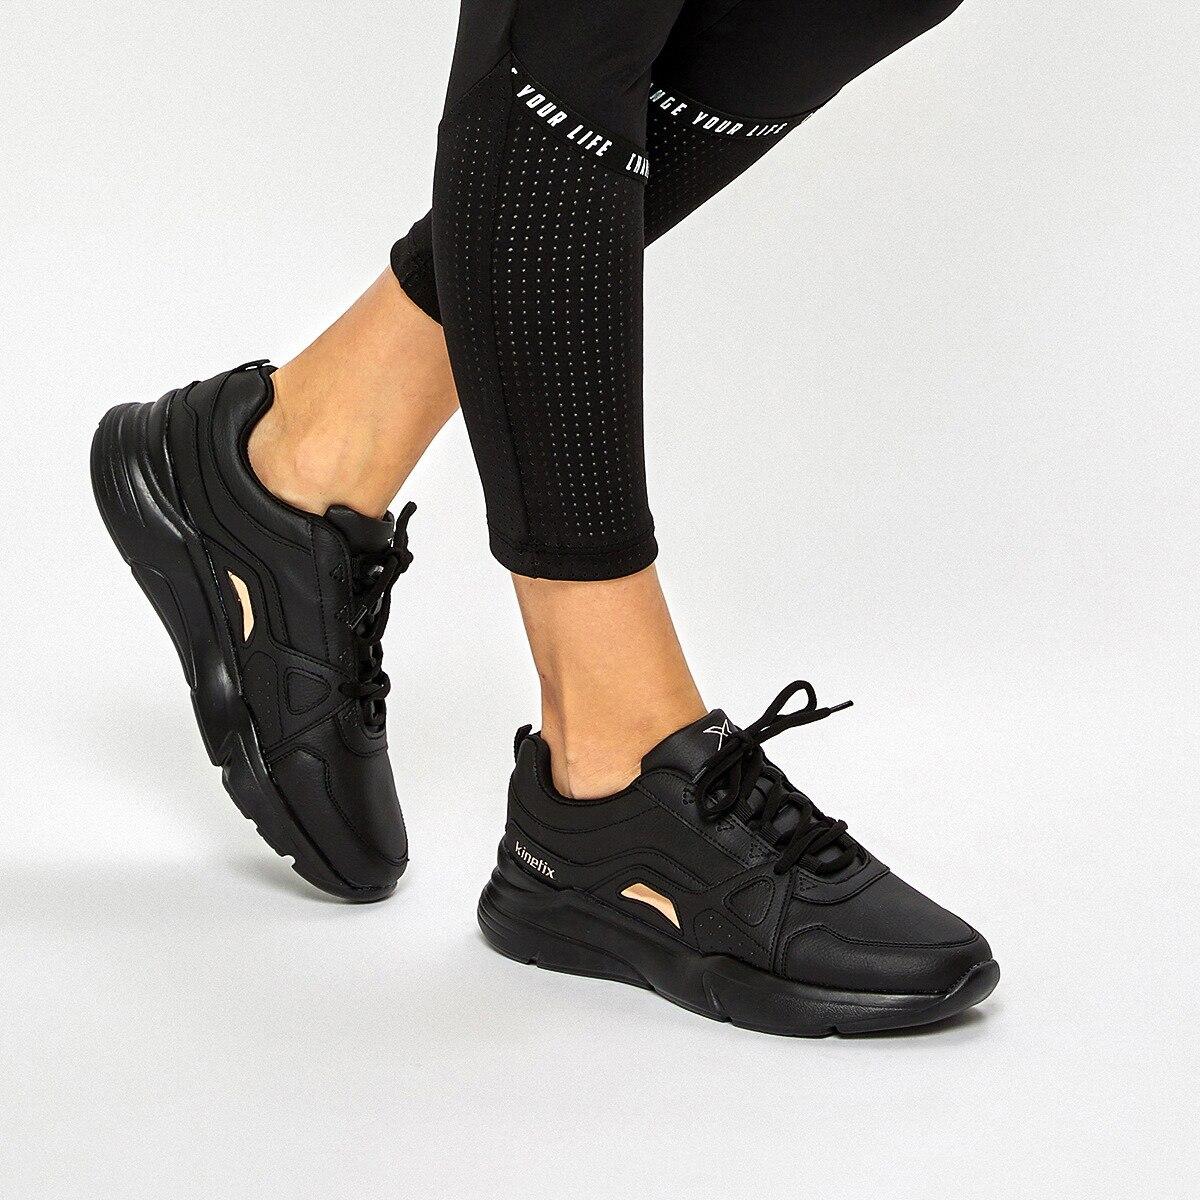 FLO LOWAN W 9PR Black Women 'S Sneaker Shoes KINETIX